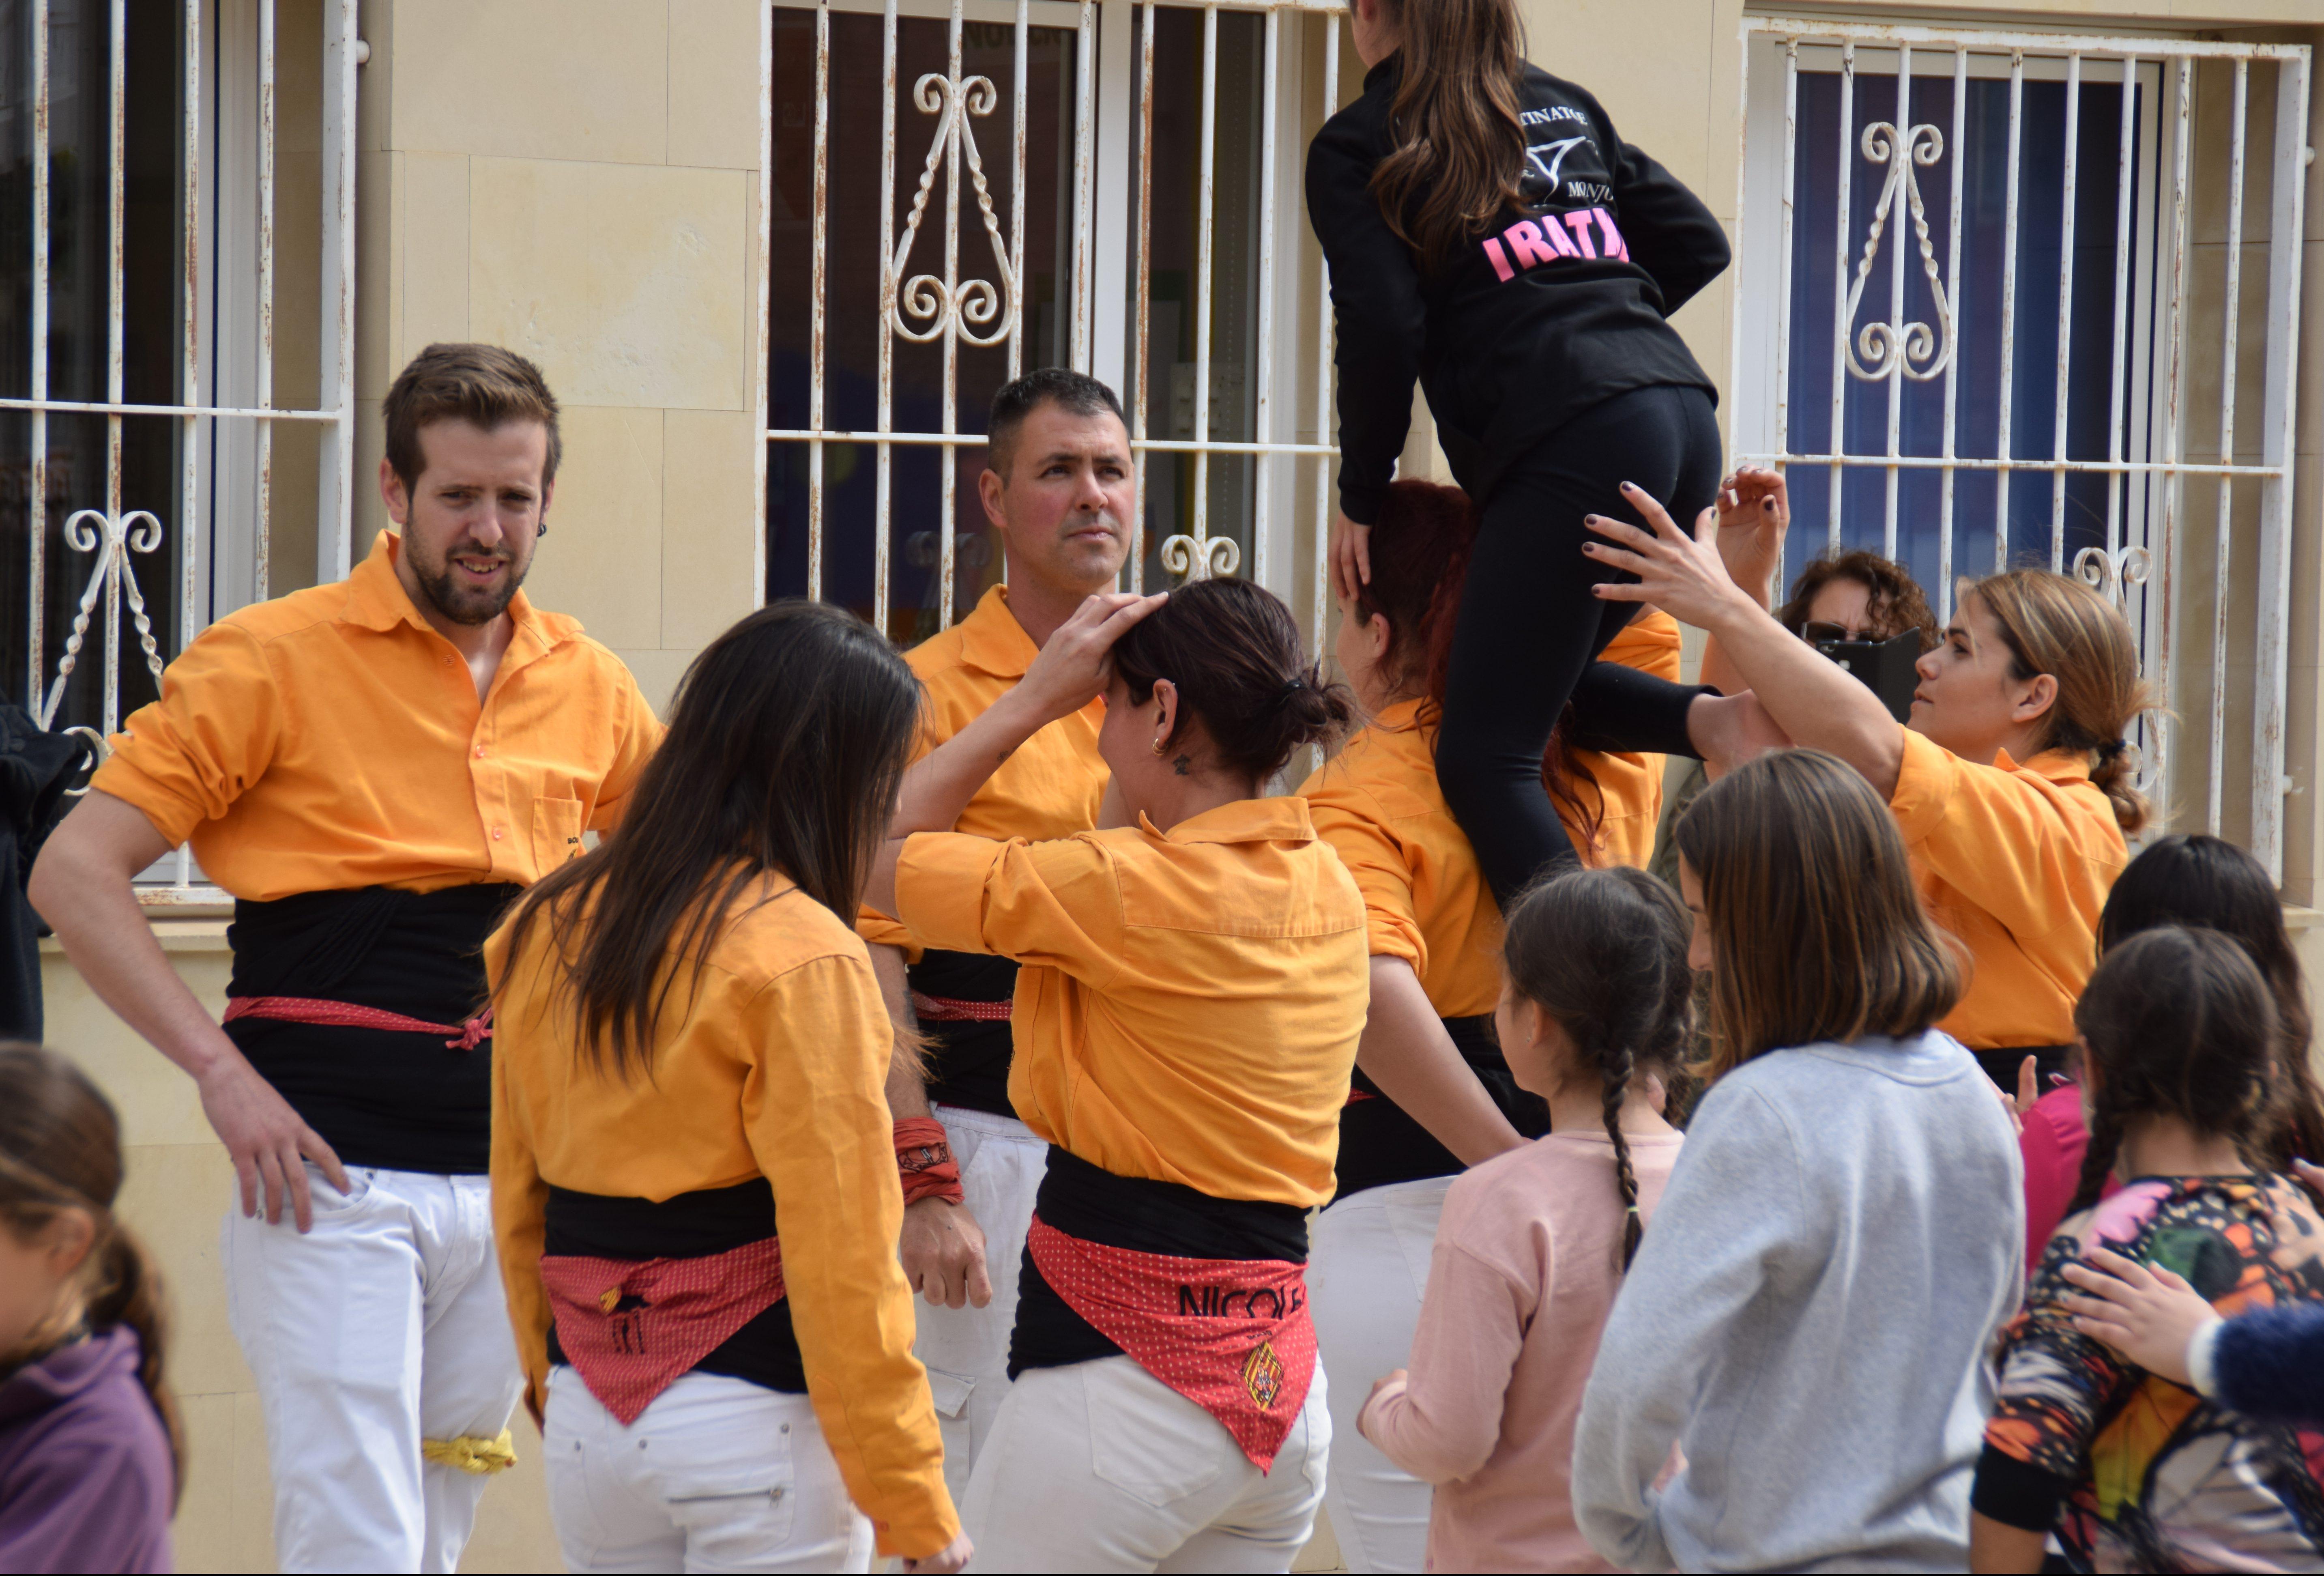 L'escola Ull de Vent de la Bisbal del Penedès ha dedicat les Jornades Culturals 2019 al món casteller